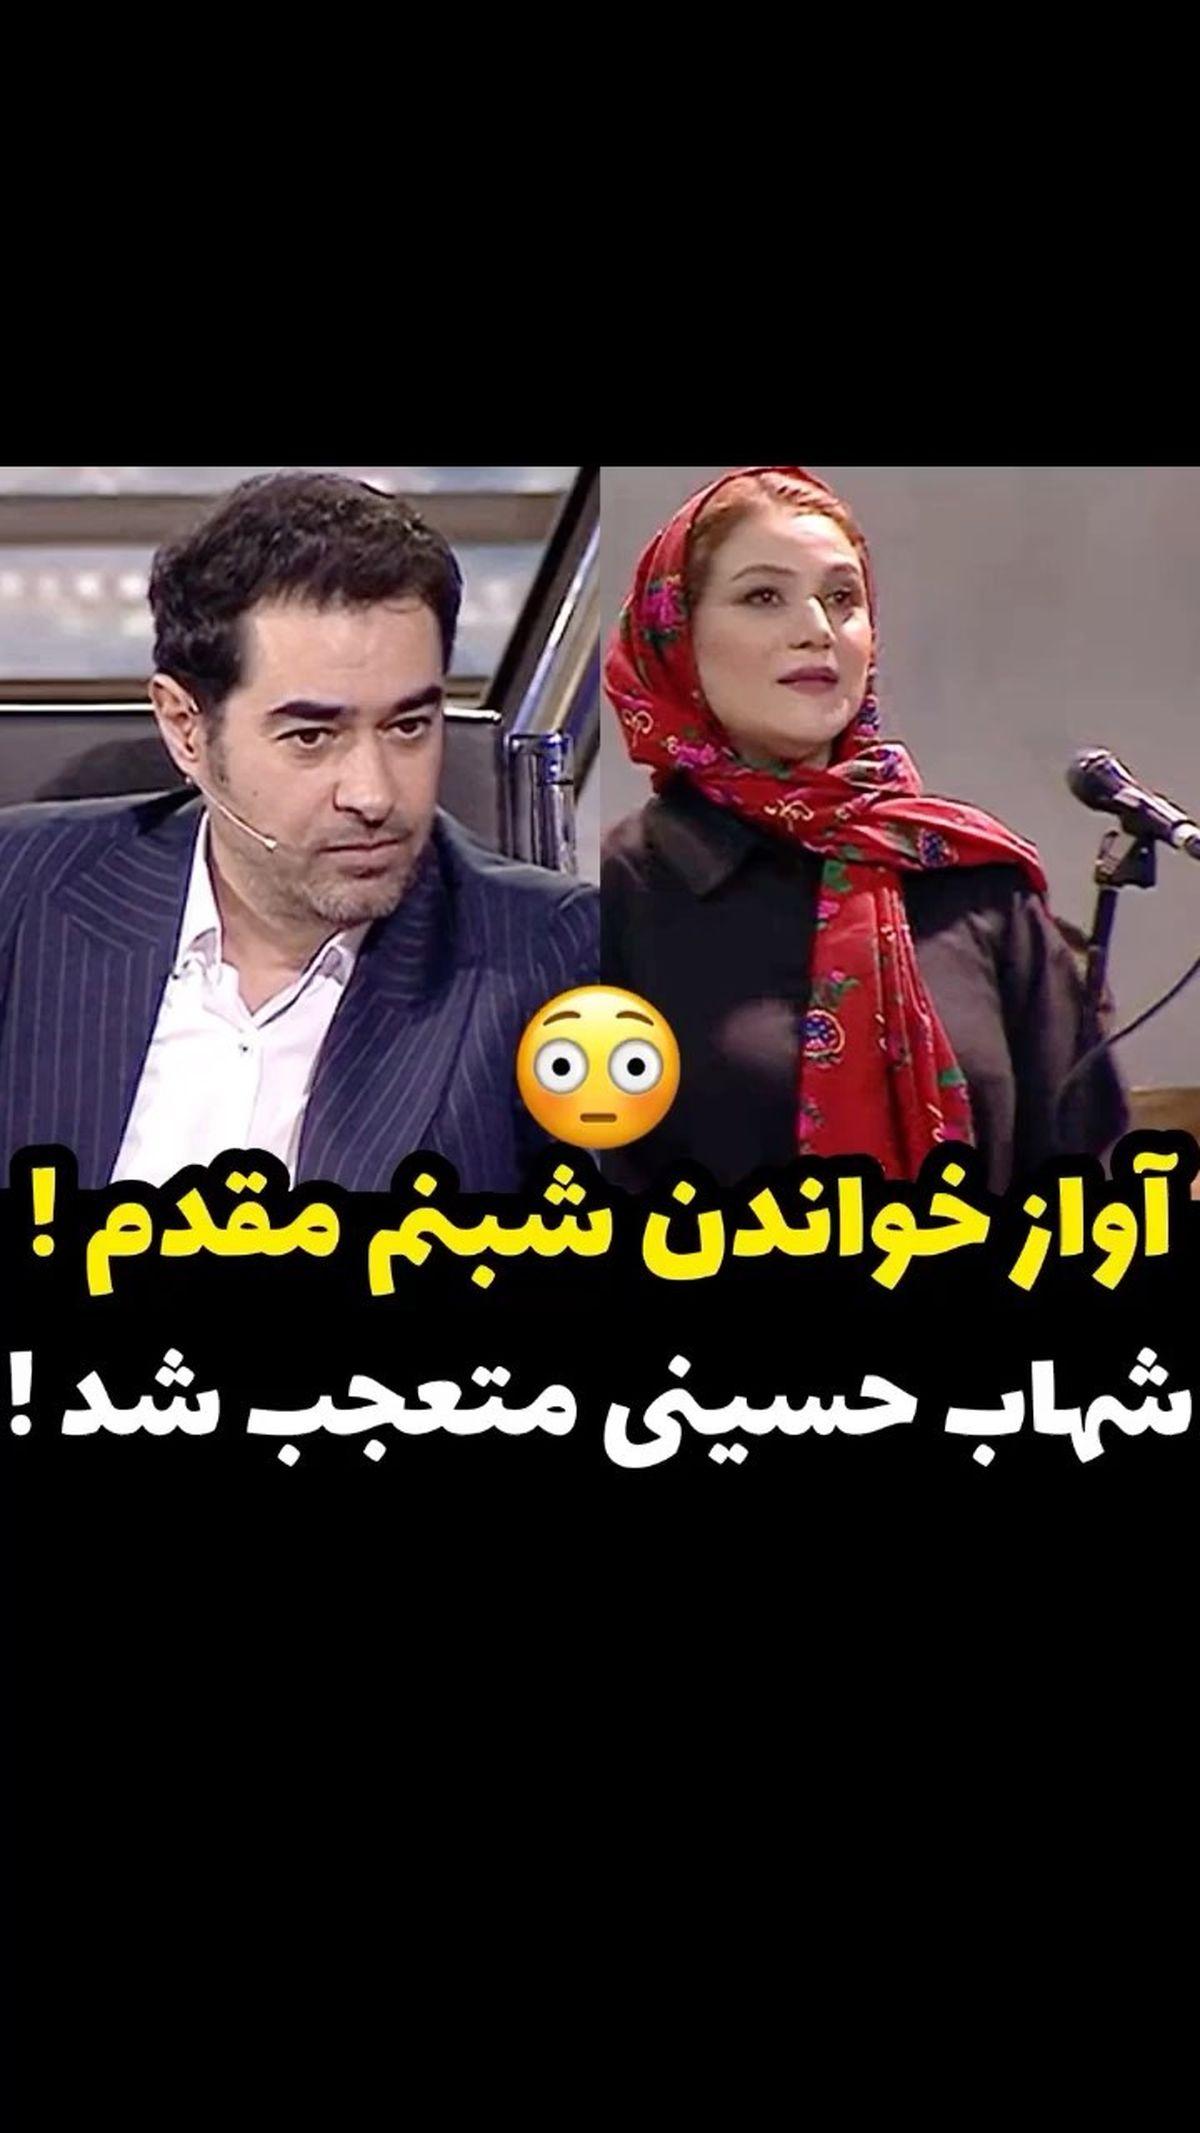 آواز خواندن شبنم مقدمی در برنامه زنده جنجالی شد+فیلم